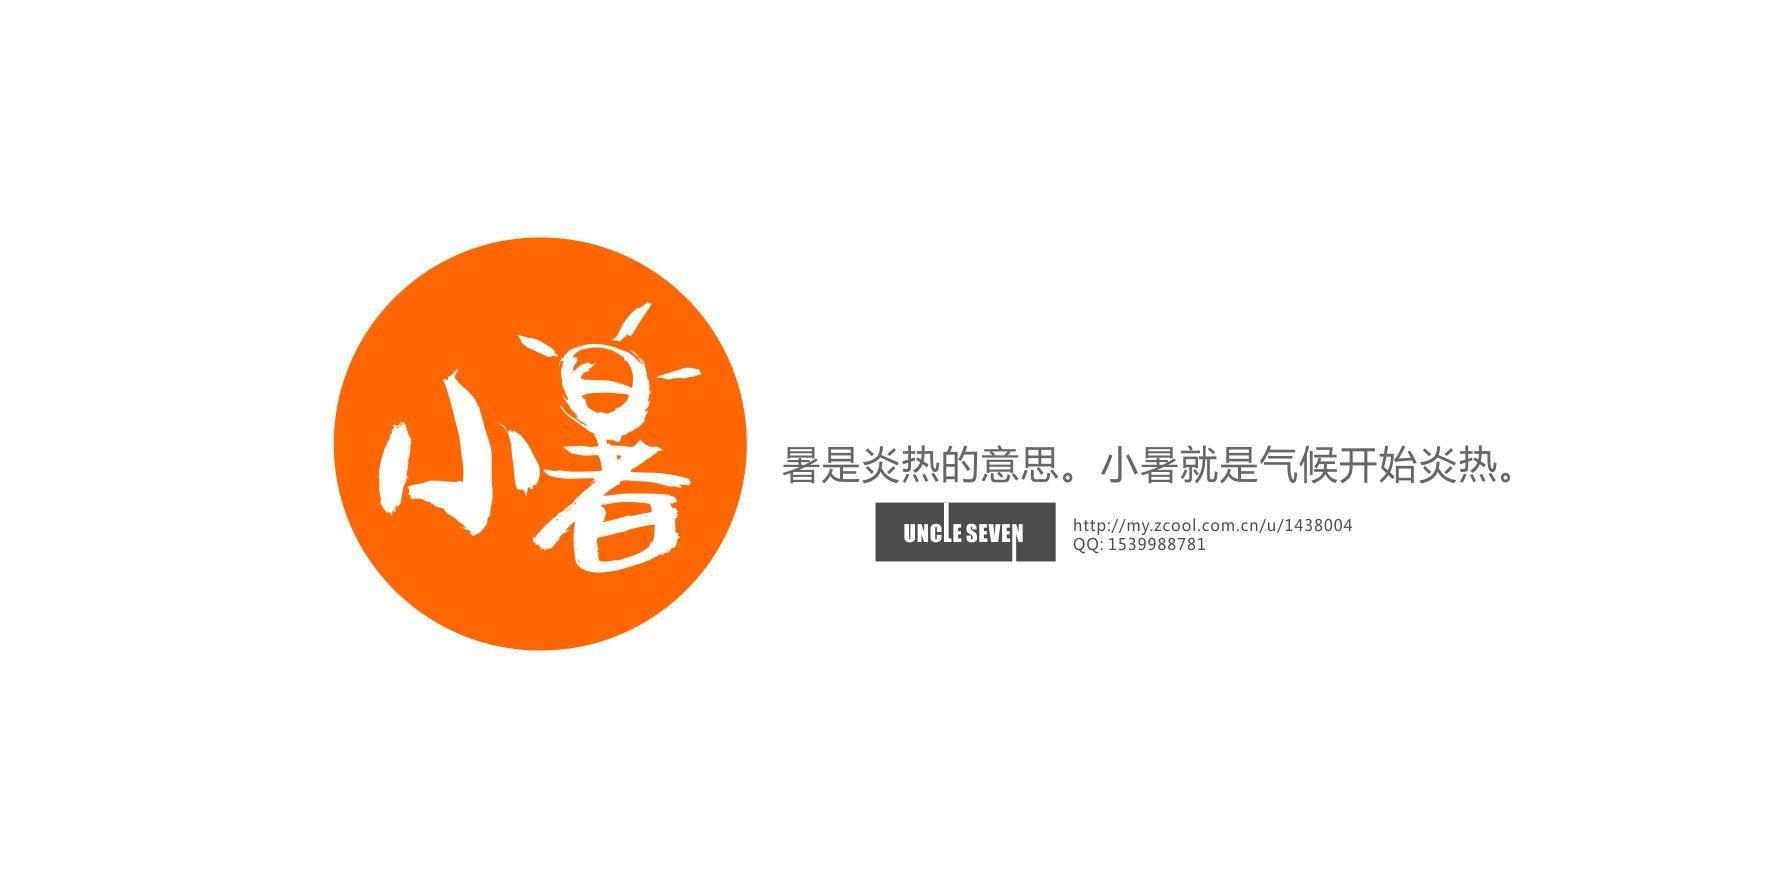 设计师uncleseven的空间 红动中国设计空间 字体设计 二 二十四节气